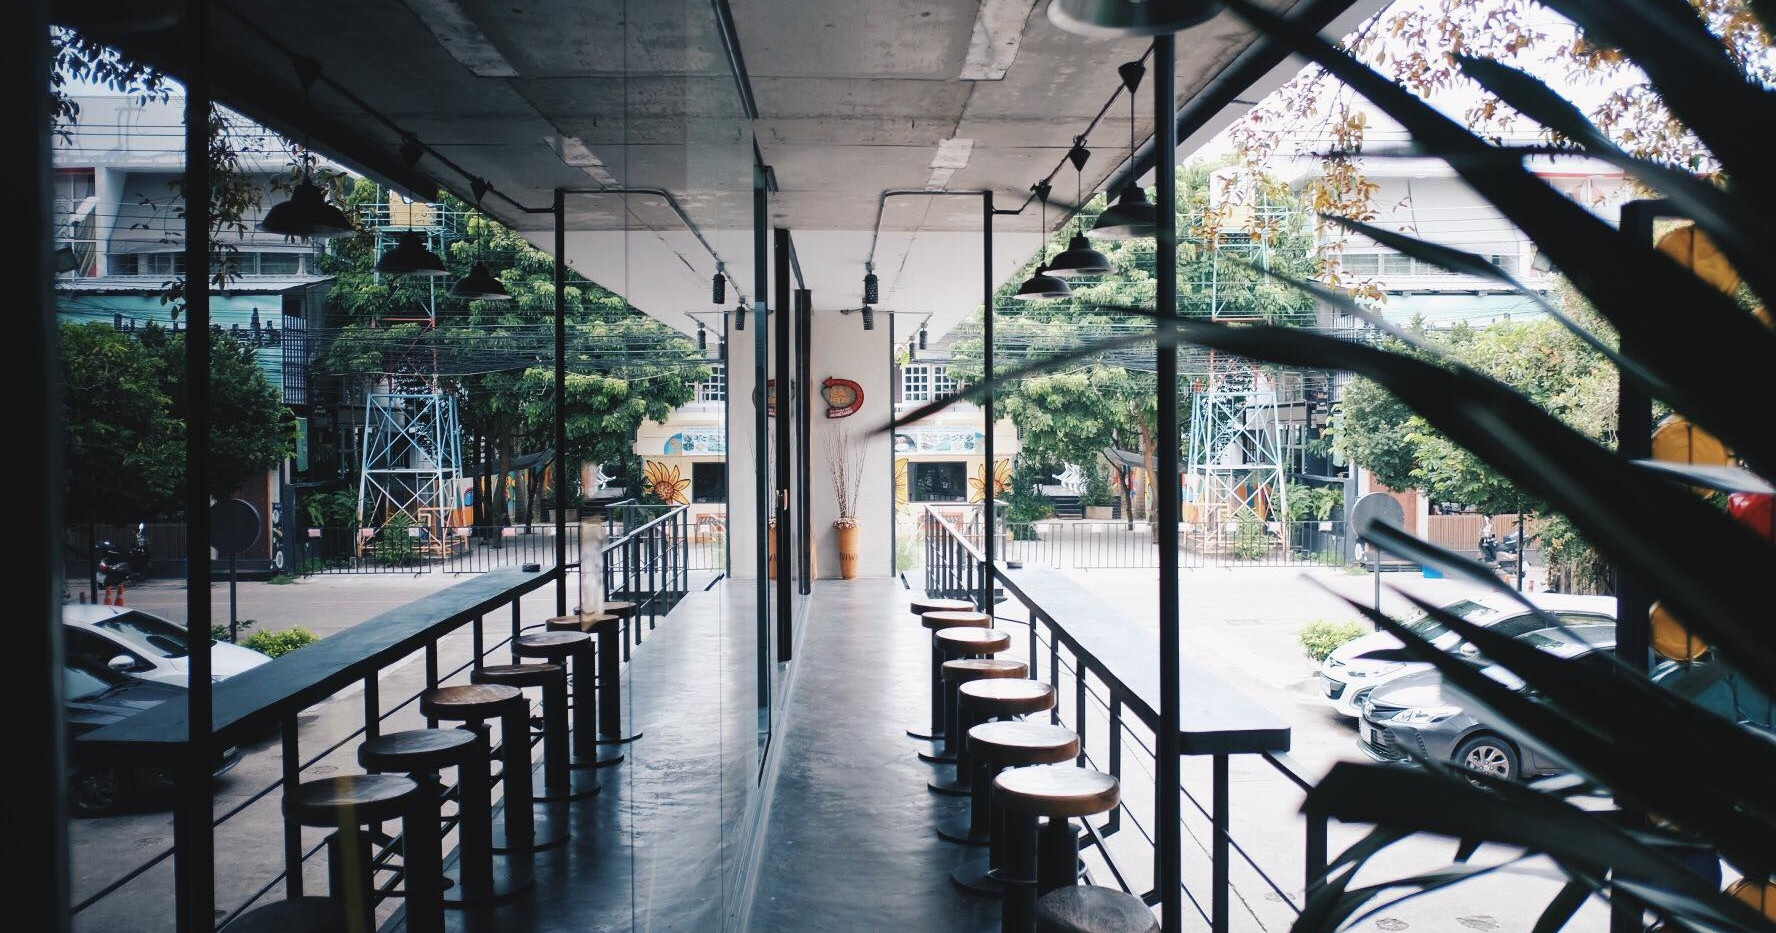 Hostel_๑๙๑๐๐๙_0052.jpg